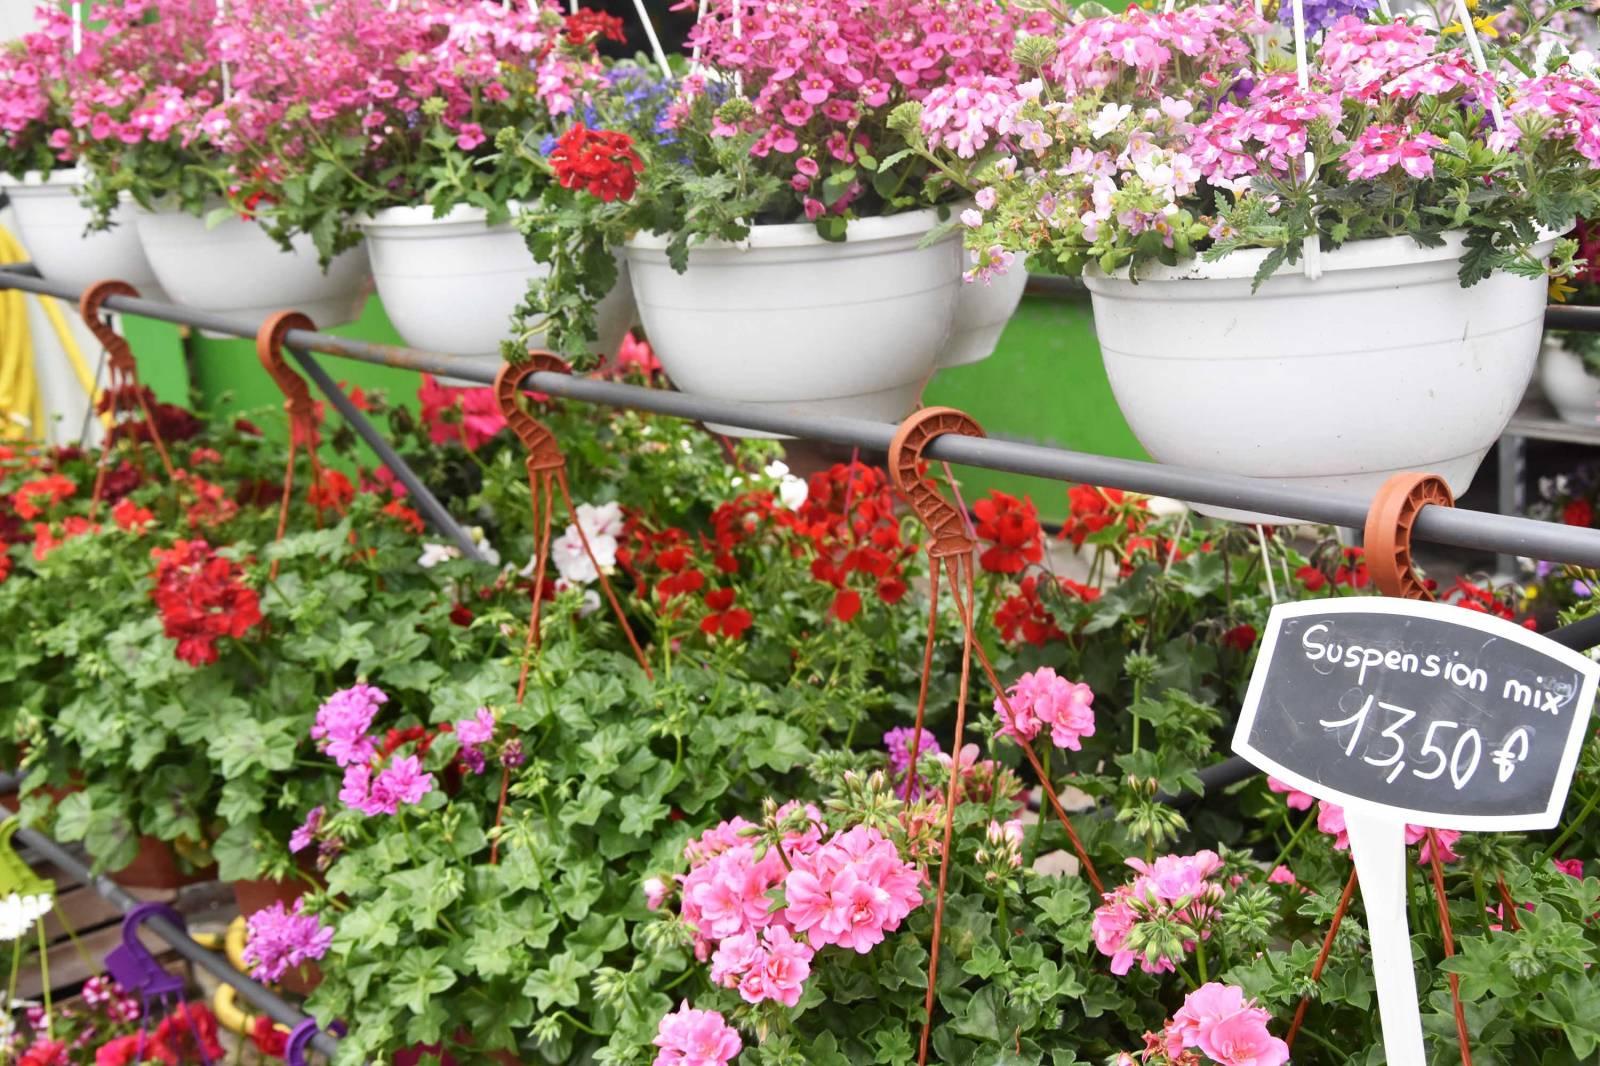 Vente Fleurs Et Plantes À Villefranche-Sur-Saône - Les ... pour Serre De Jardin D Occasion